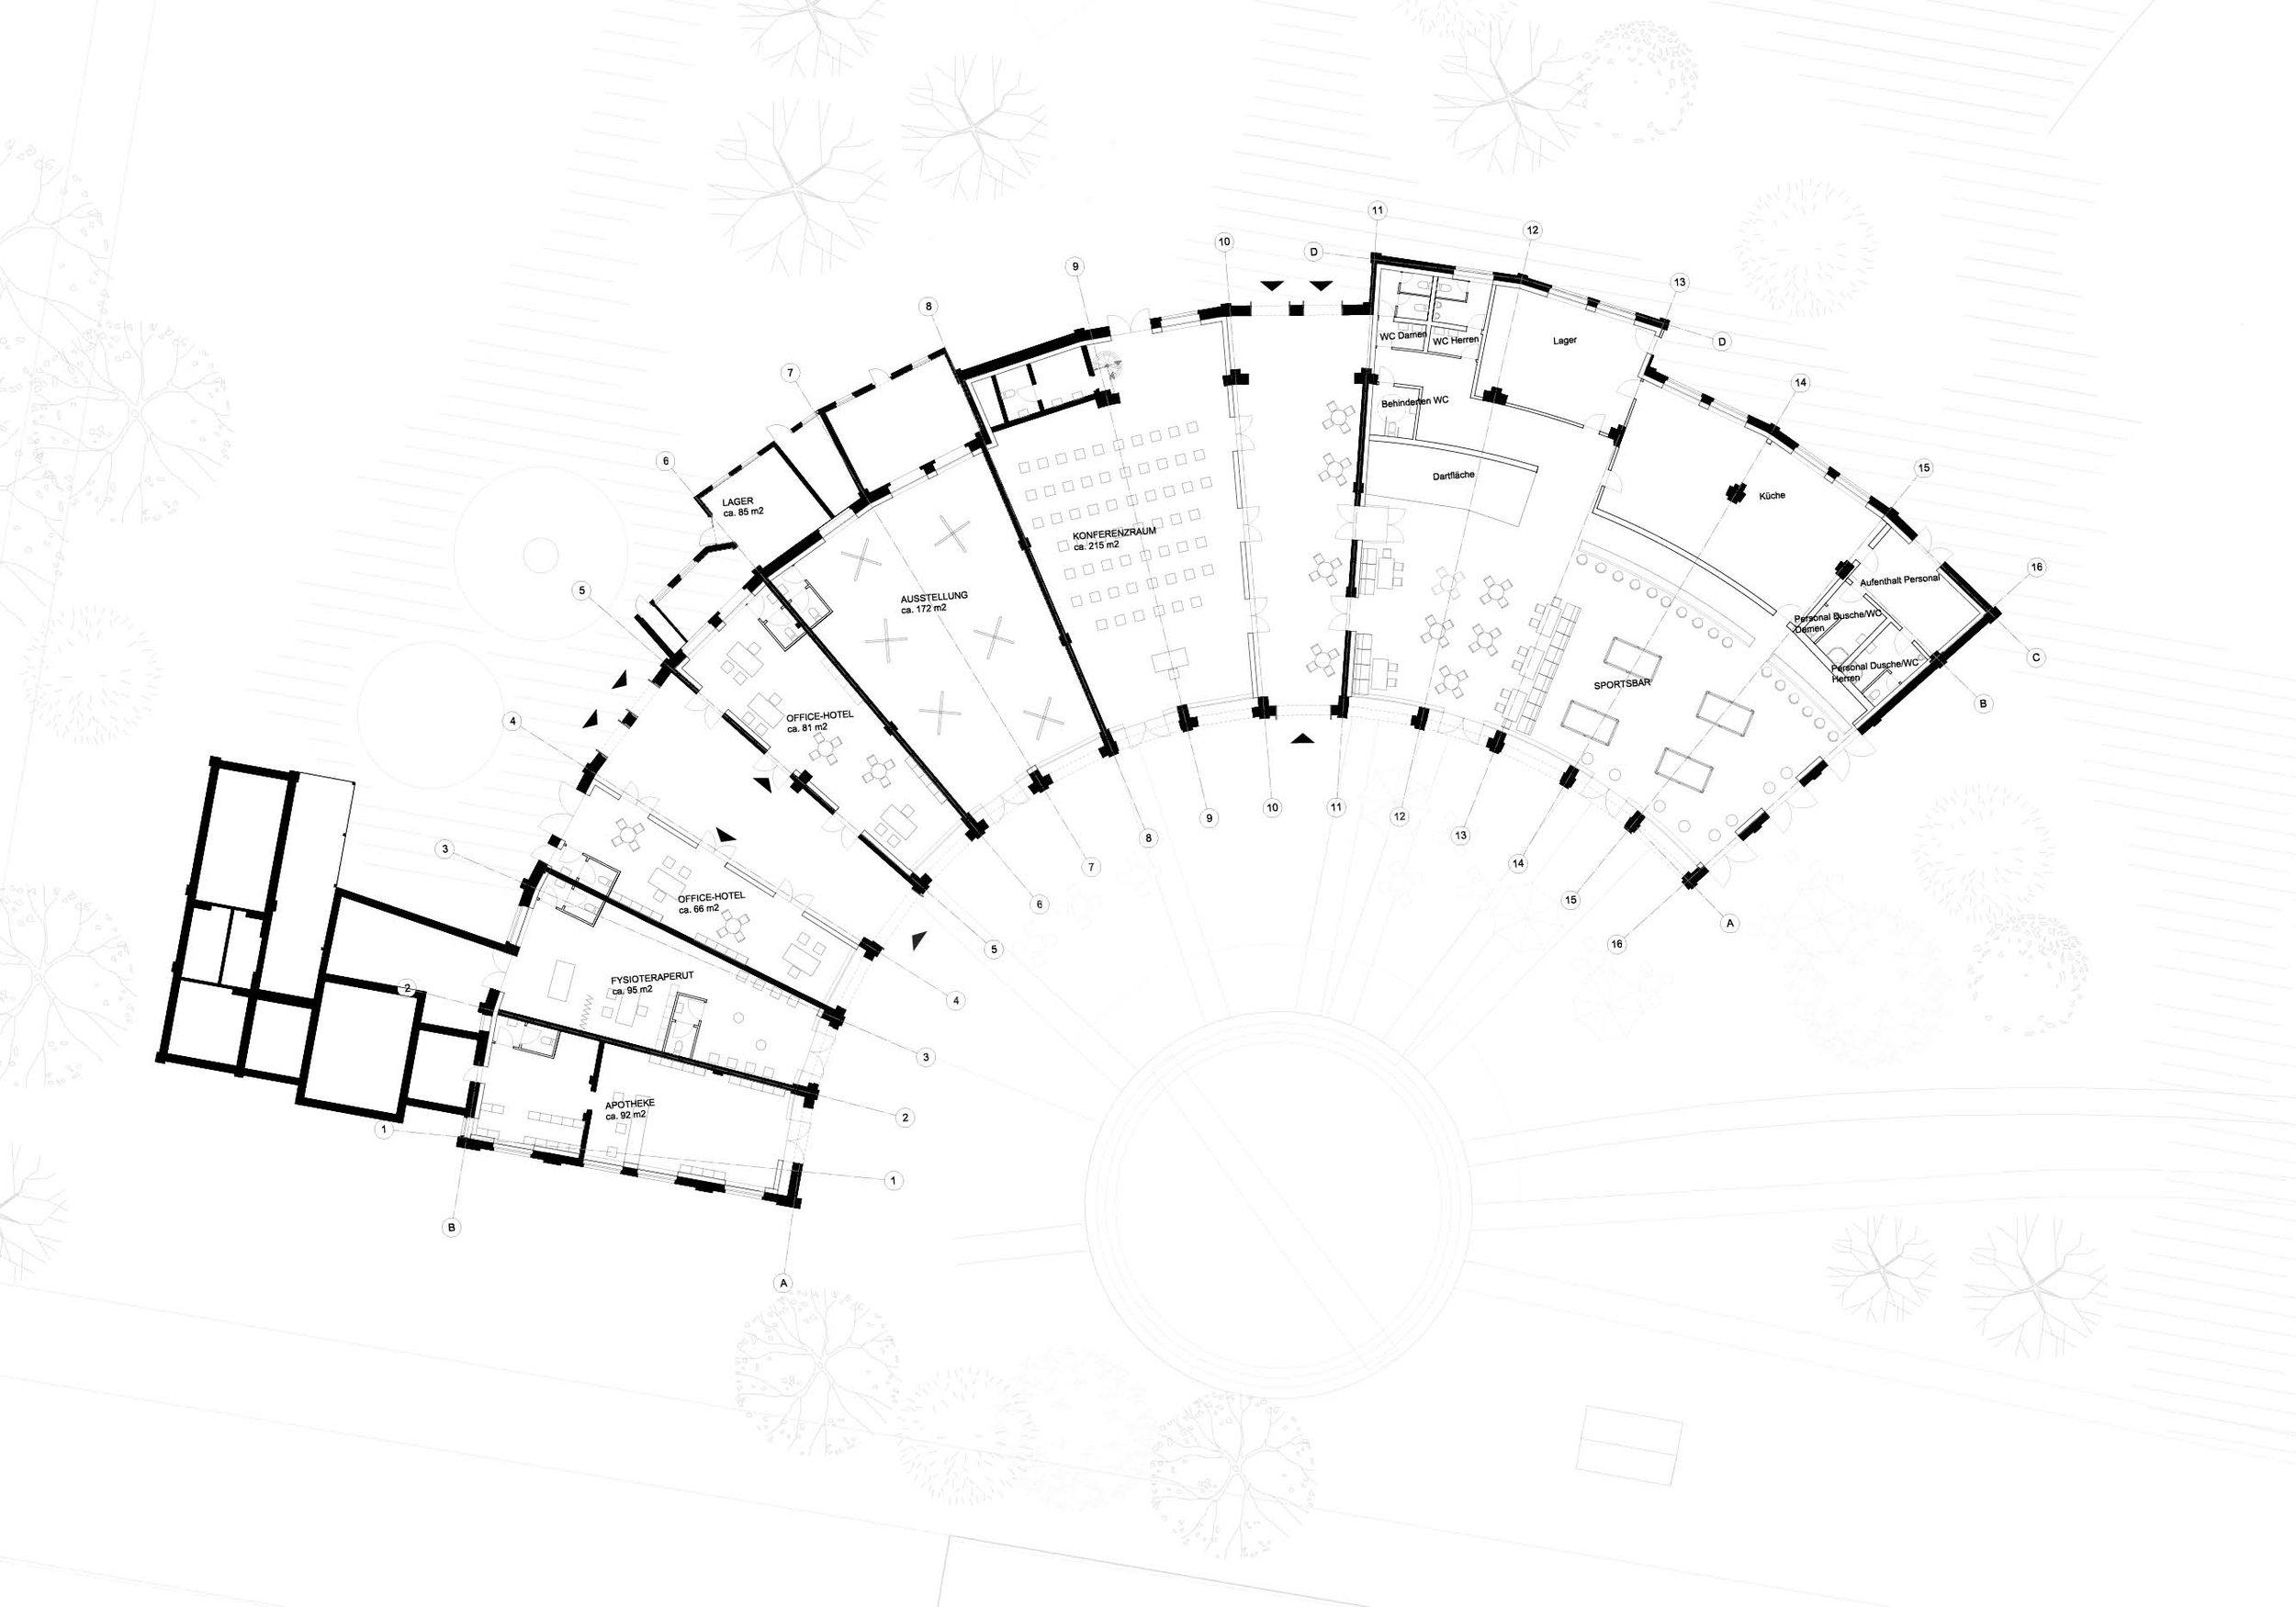 Ground floor plan, Lokschuppen 1